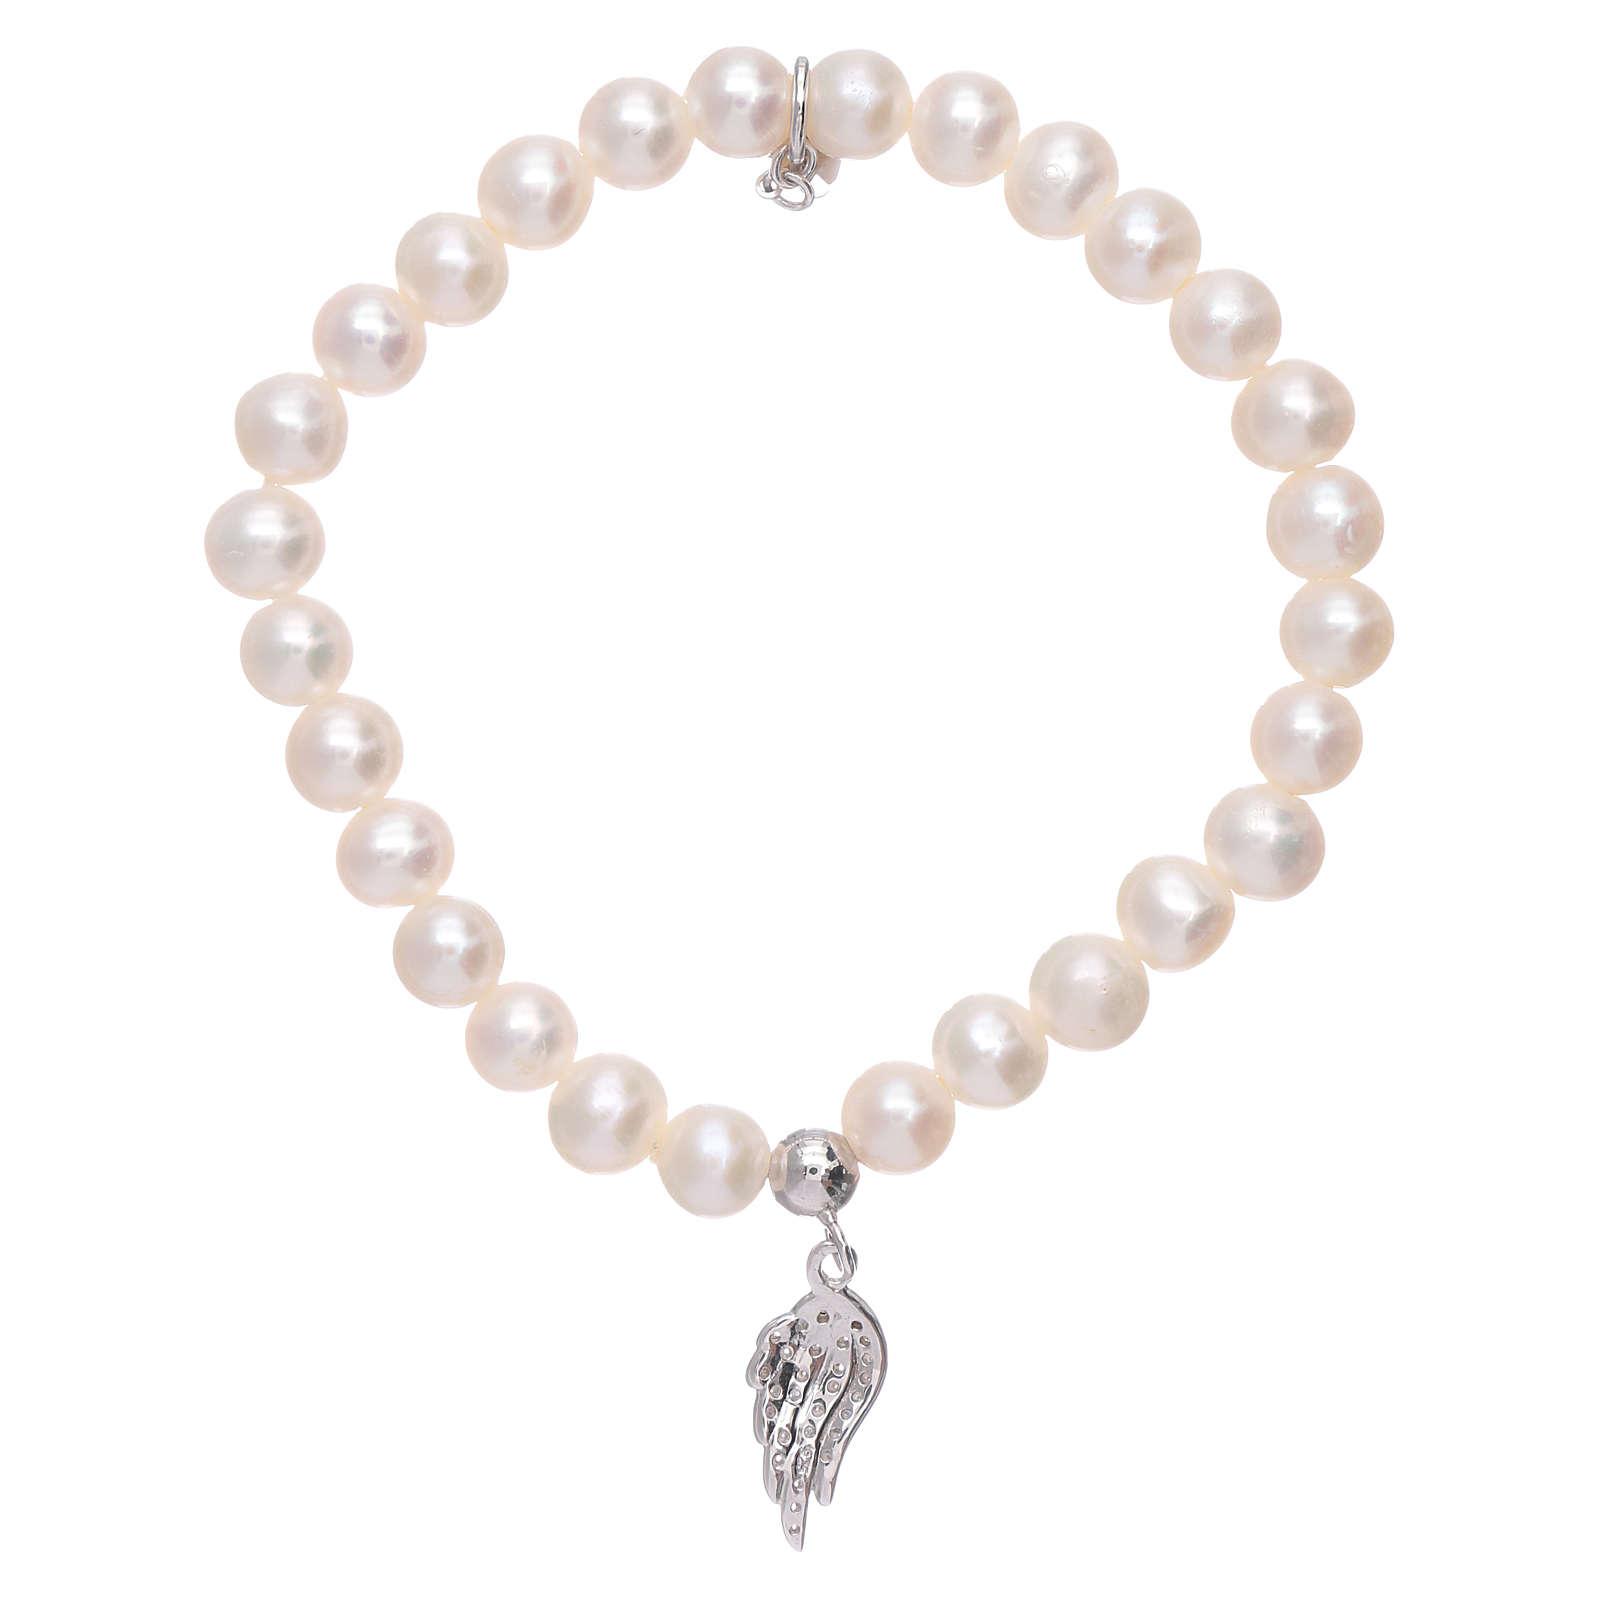 Bracciale AMEN con ala argento 925 zirconata bianca e perle 4